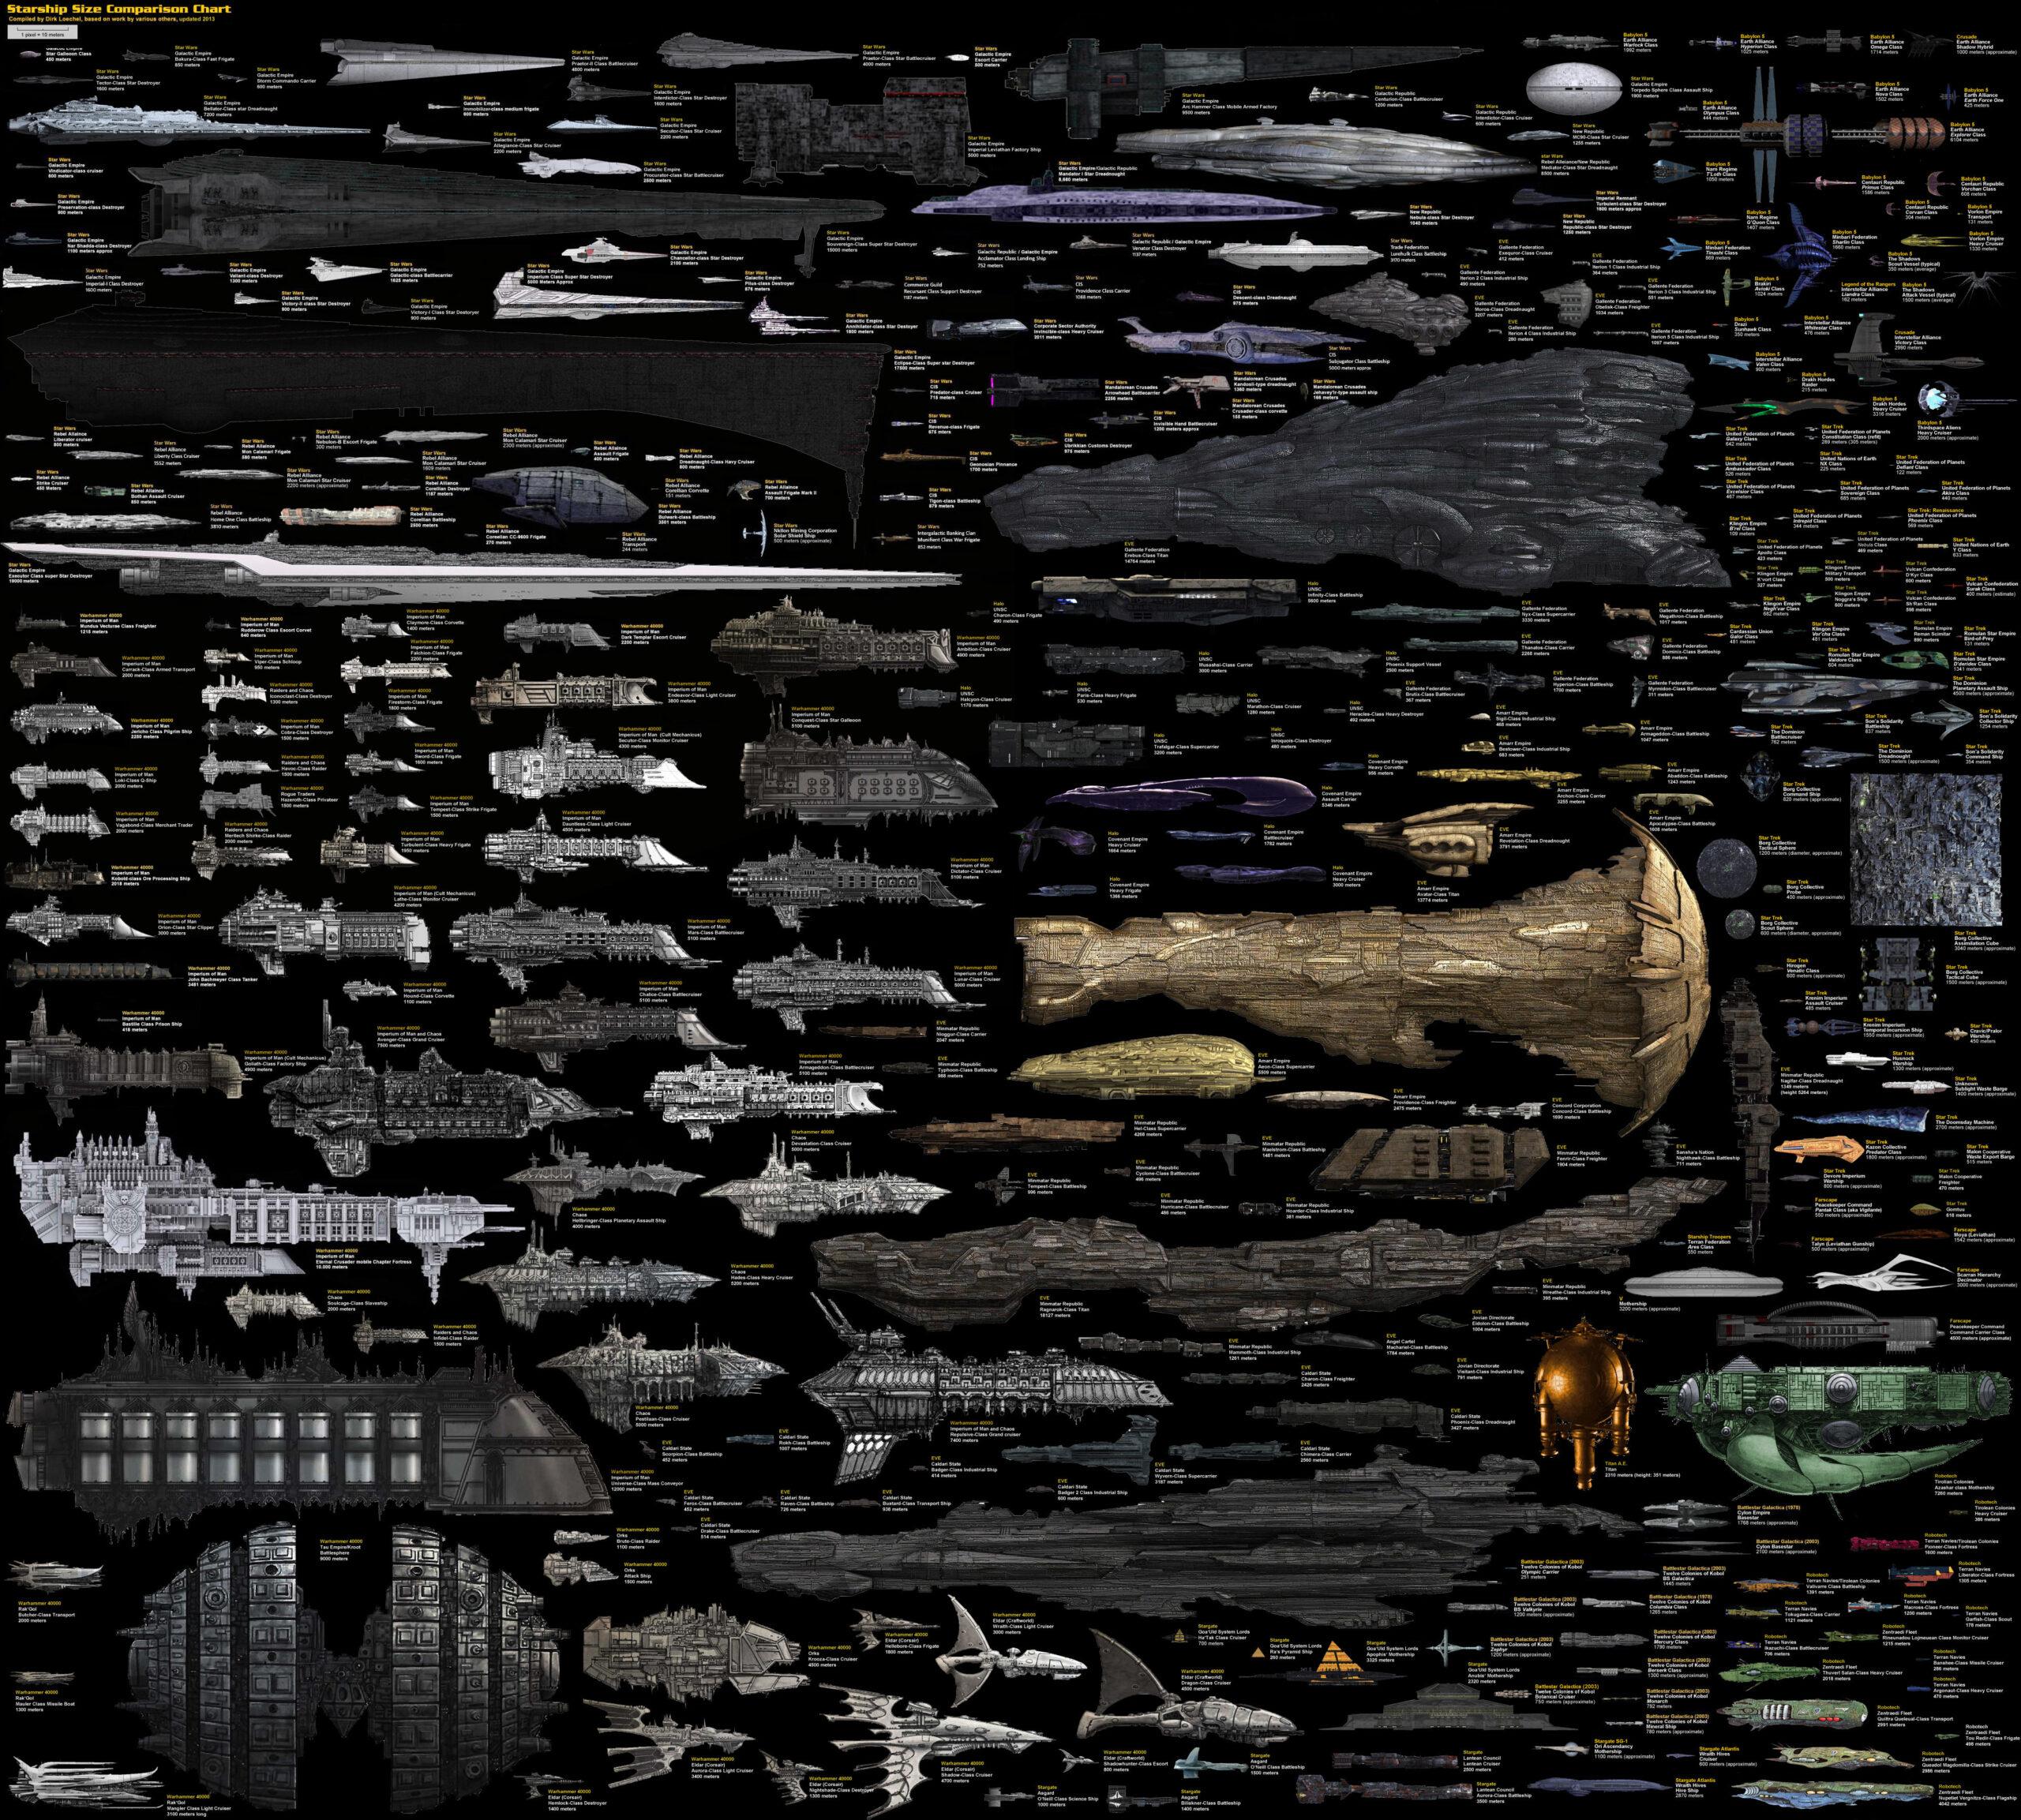 Сравнительные размеры фантастических космических кораблей